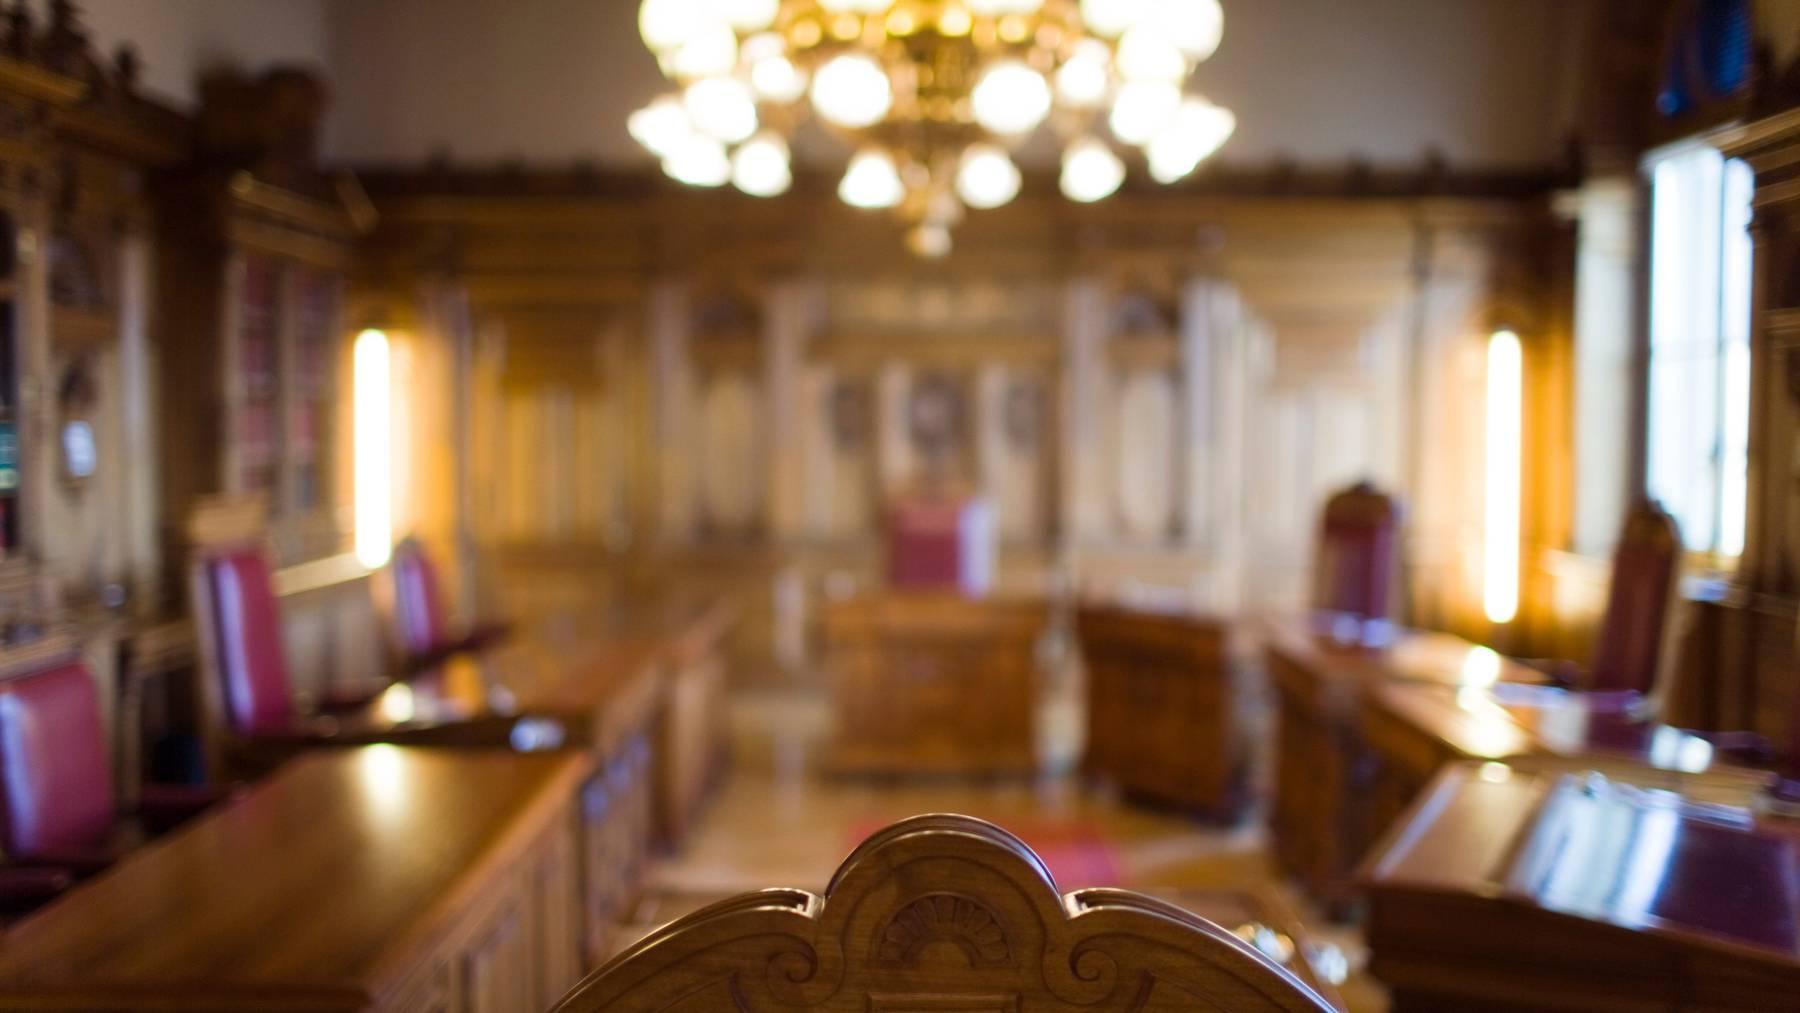 Welche Parteien werden künftig wie stark im Bundesrat vertreten sein? Zur Klärung dieser Frage wurde heute ein erster Schritt gemacht.